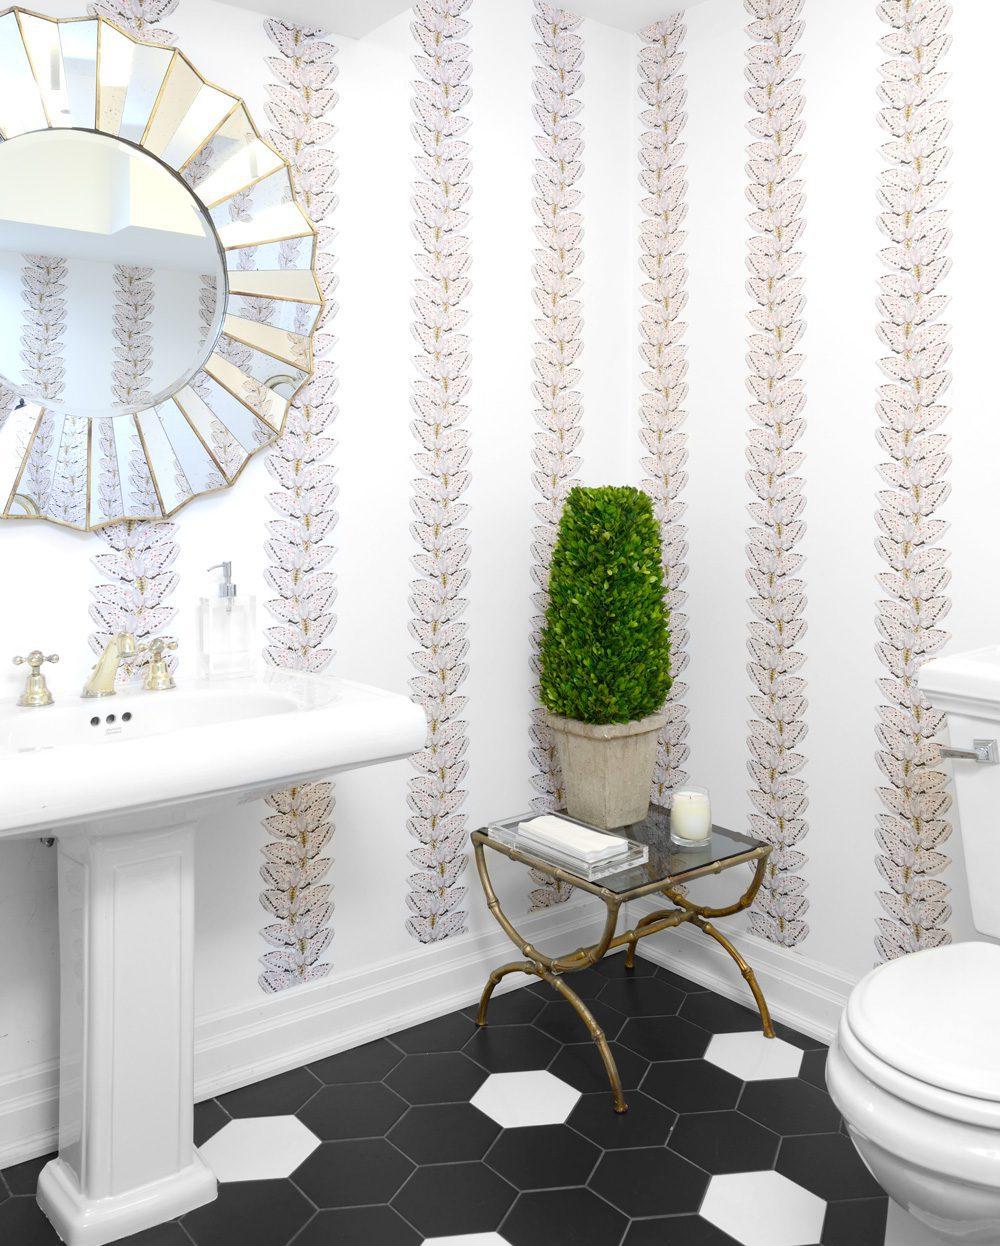 NewWall Showroom - Washroom